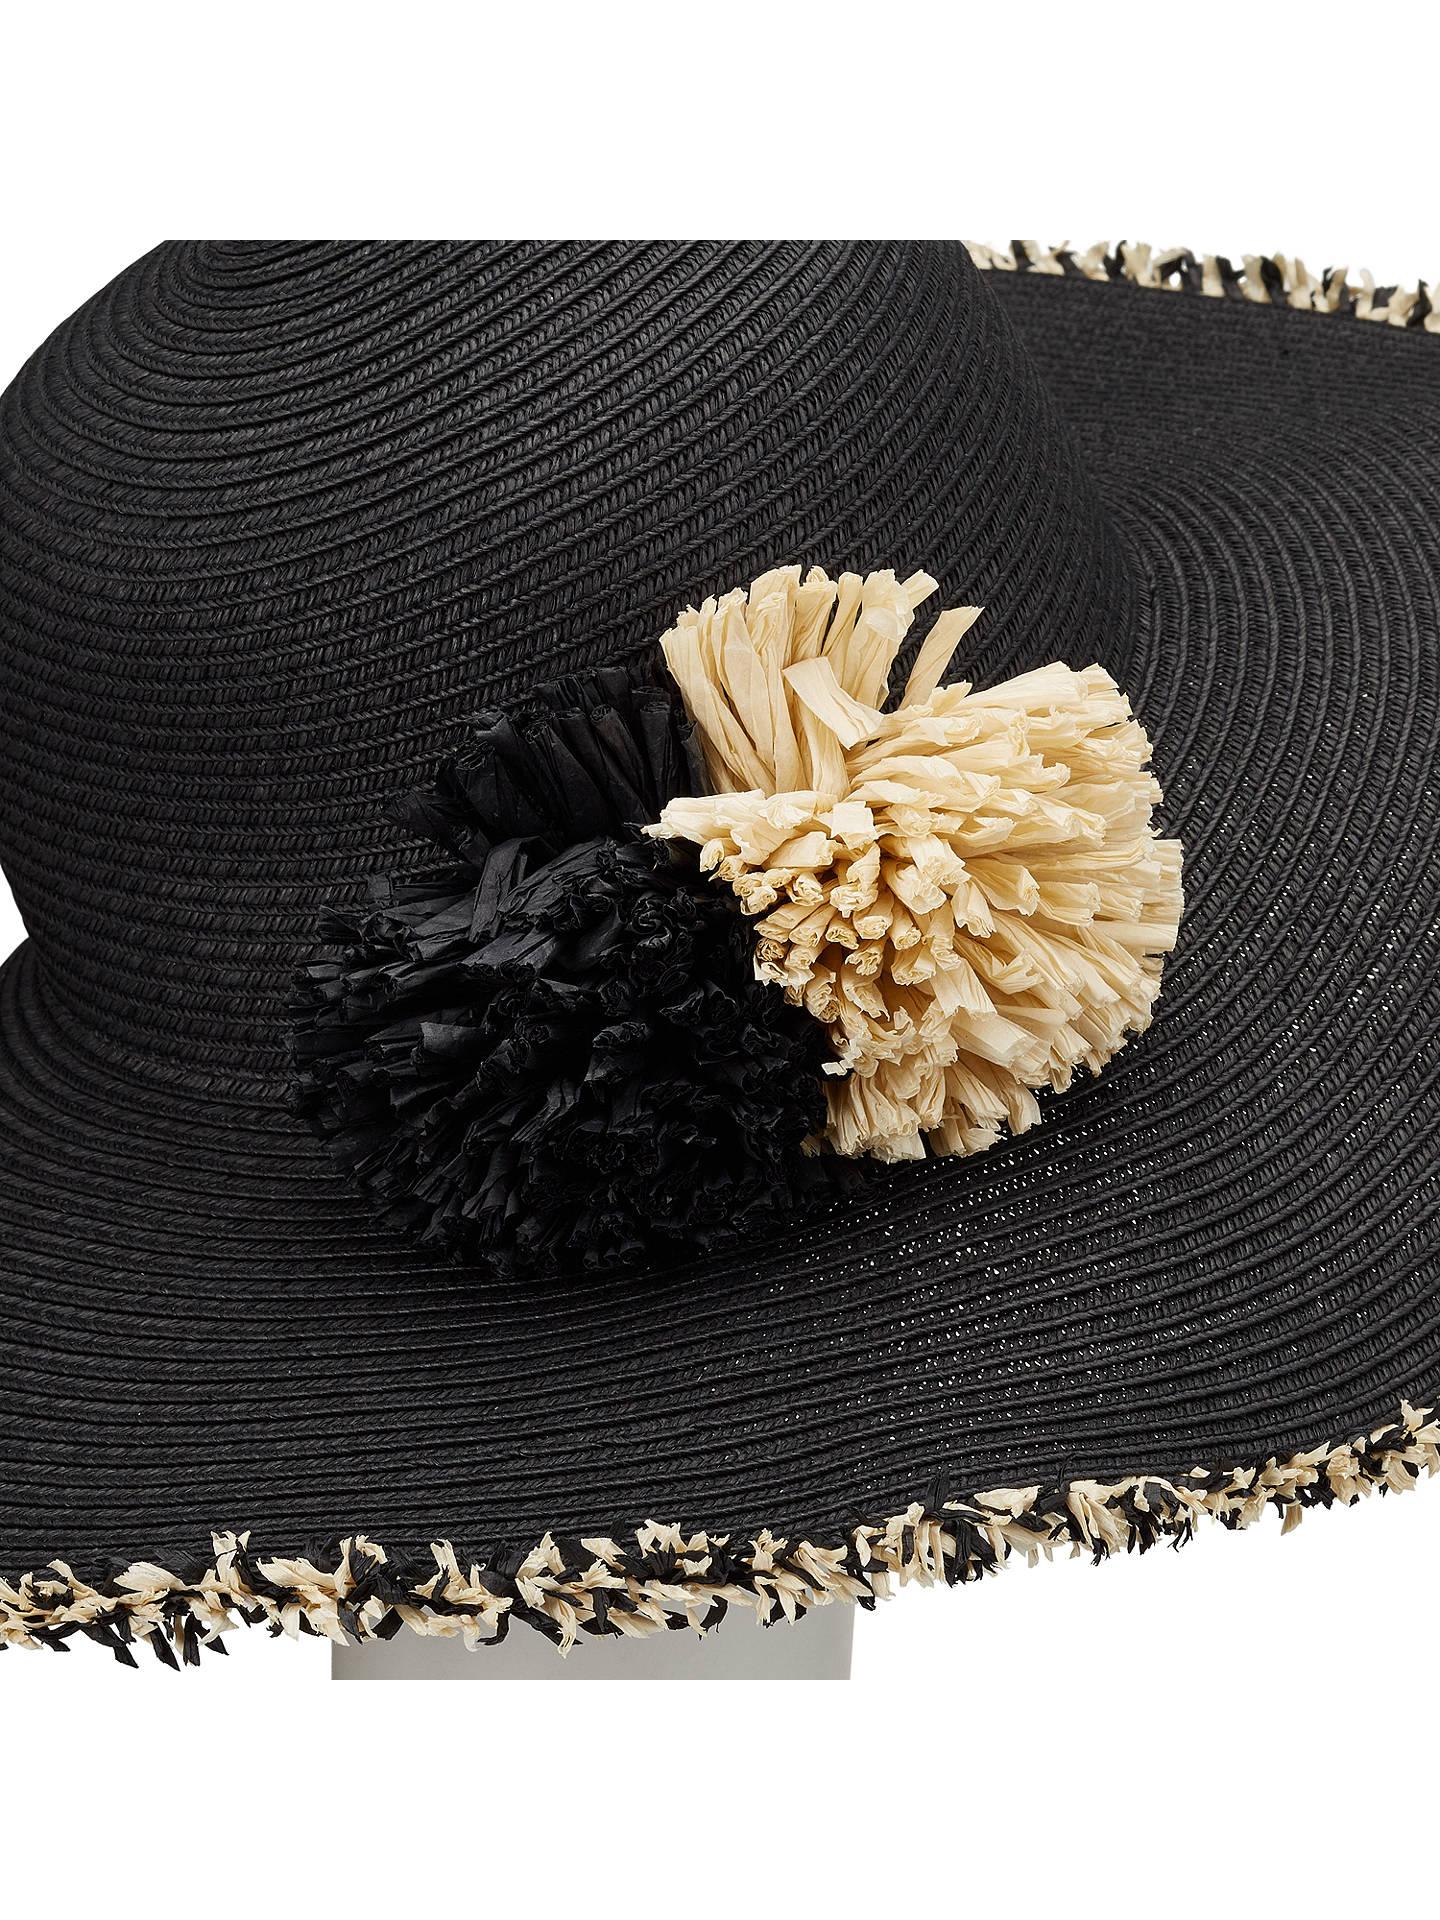 8d32cb5d130 ... BuyJohn Lewis Packable Straw Pom Pom Floppy Sun Hat